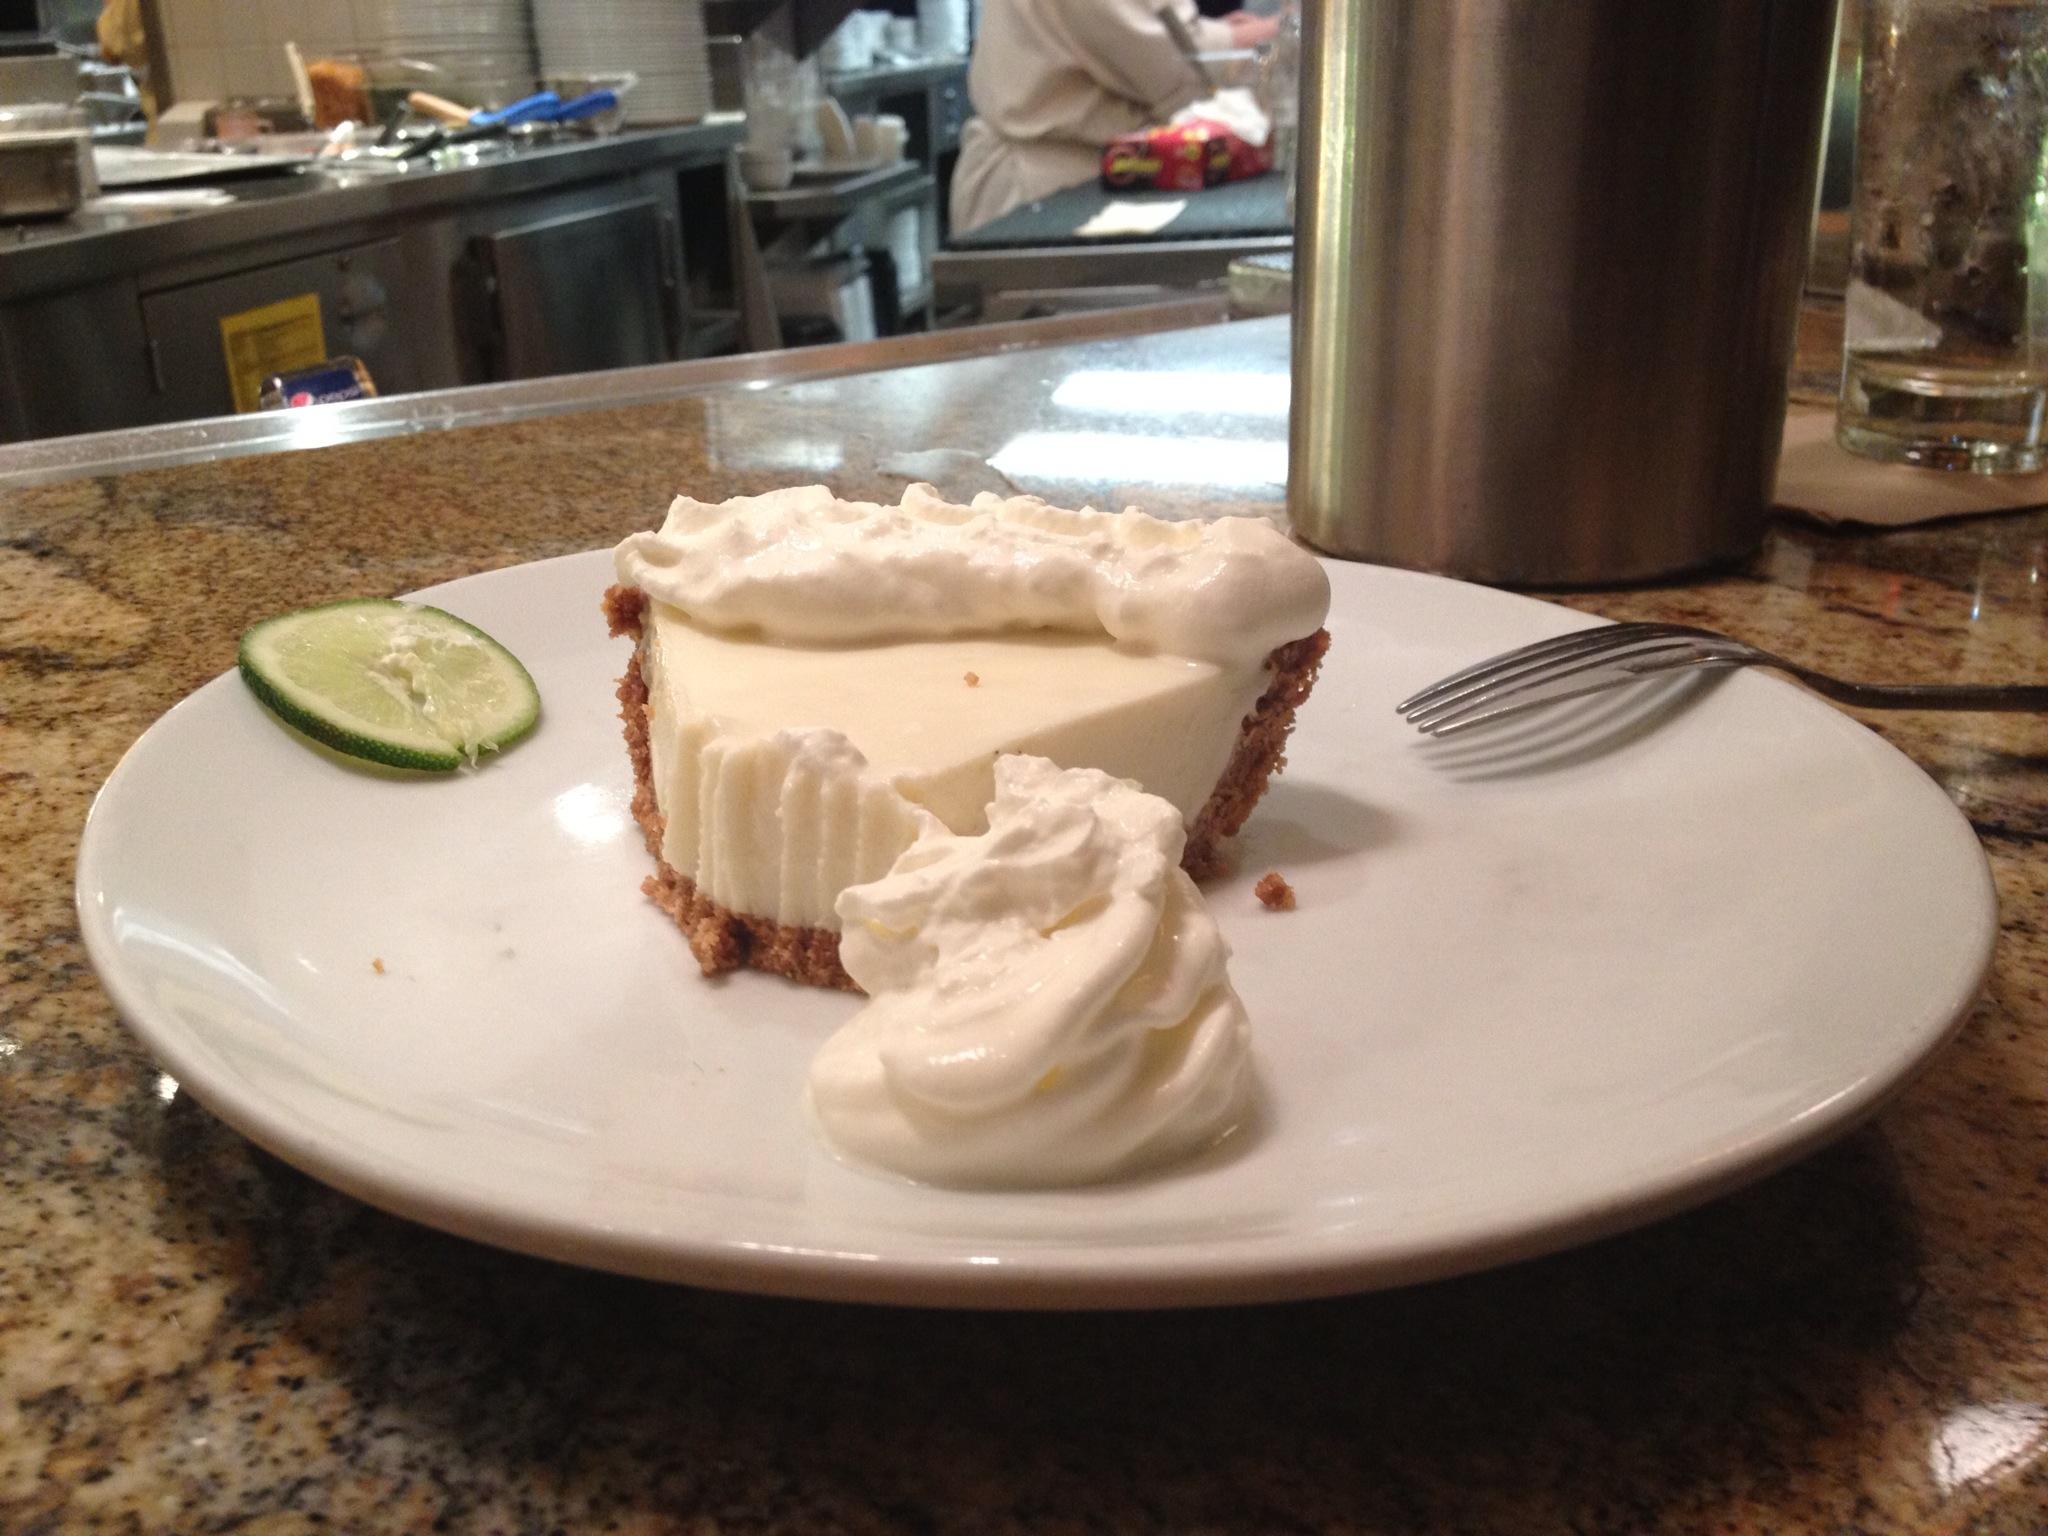 Dessert for Good Measure